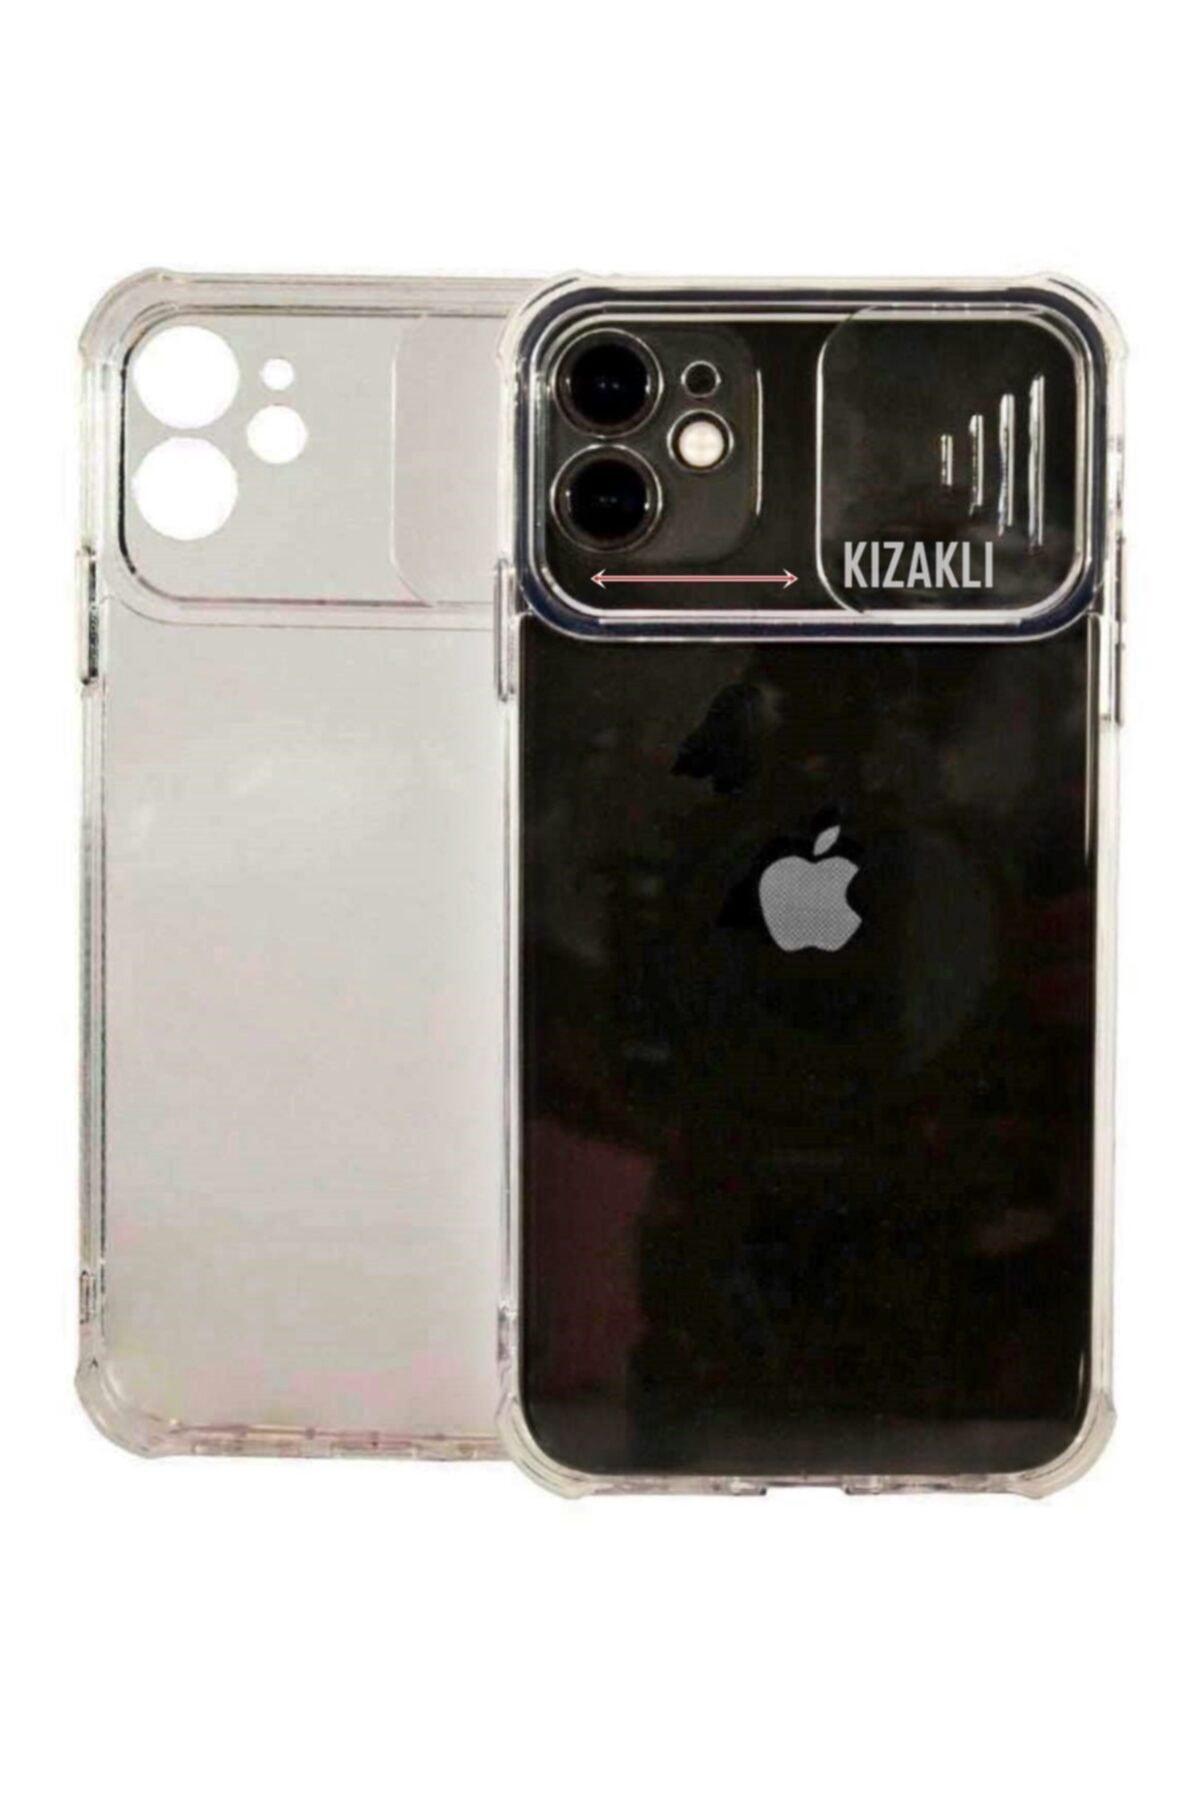 Apple Iphone 12 Pro Max Slikon Şeffaf Kamera Korumalı Kızaklı Sürgülü Kılıf